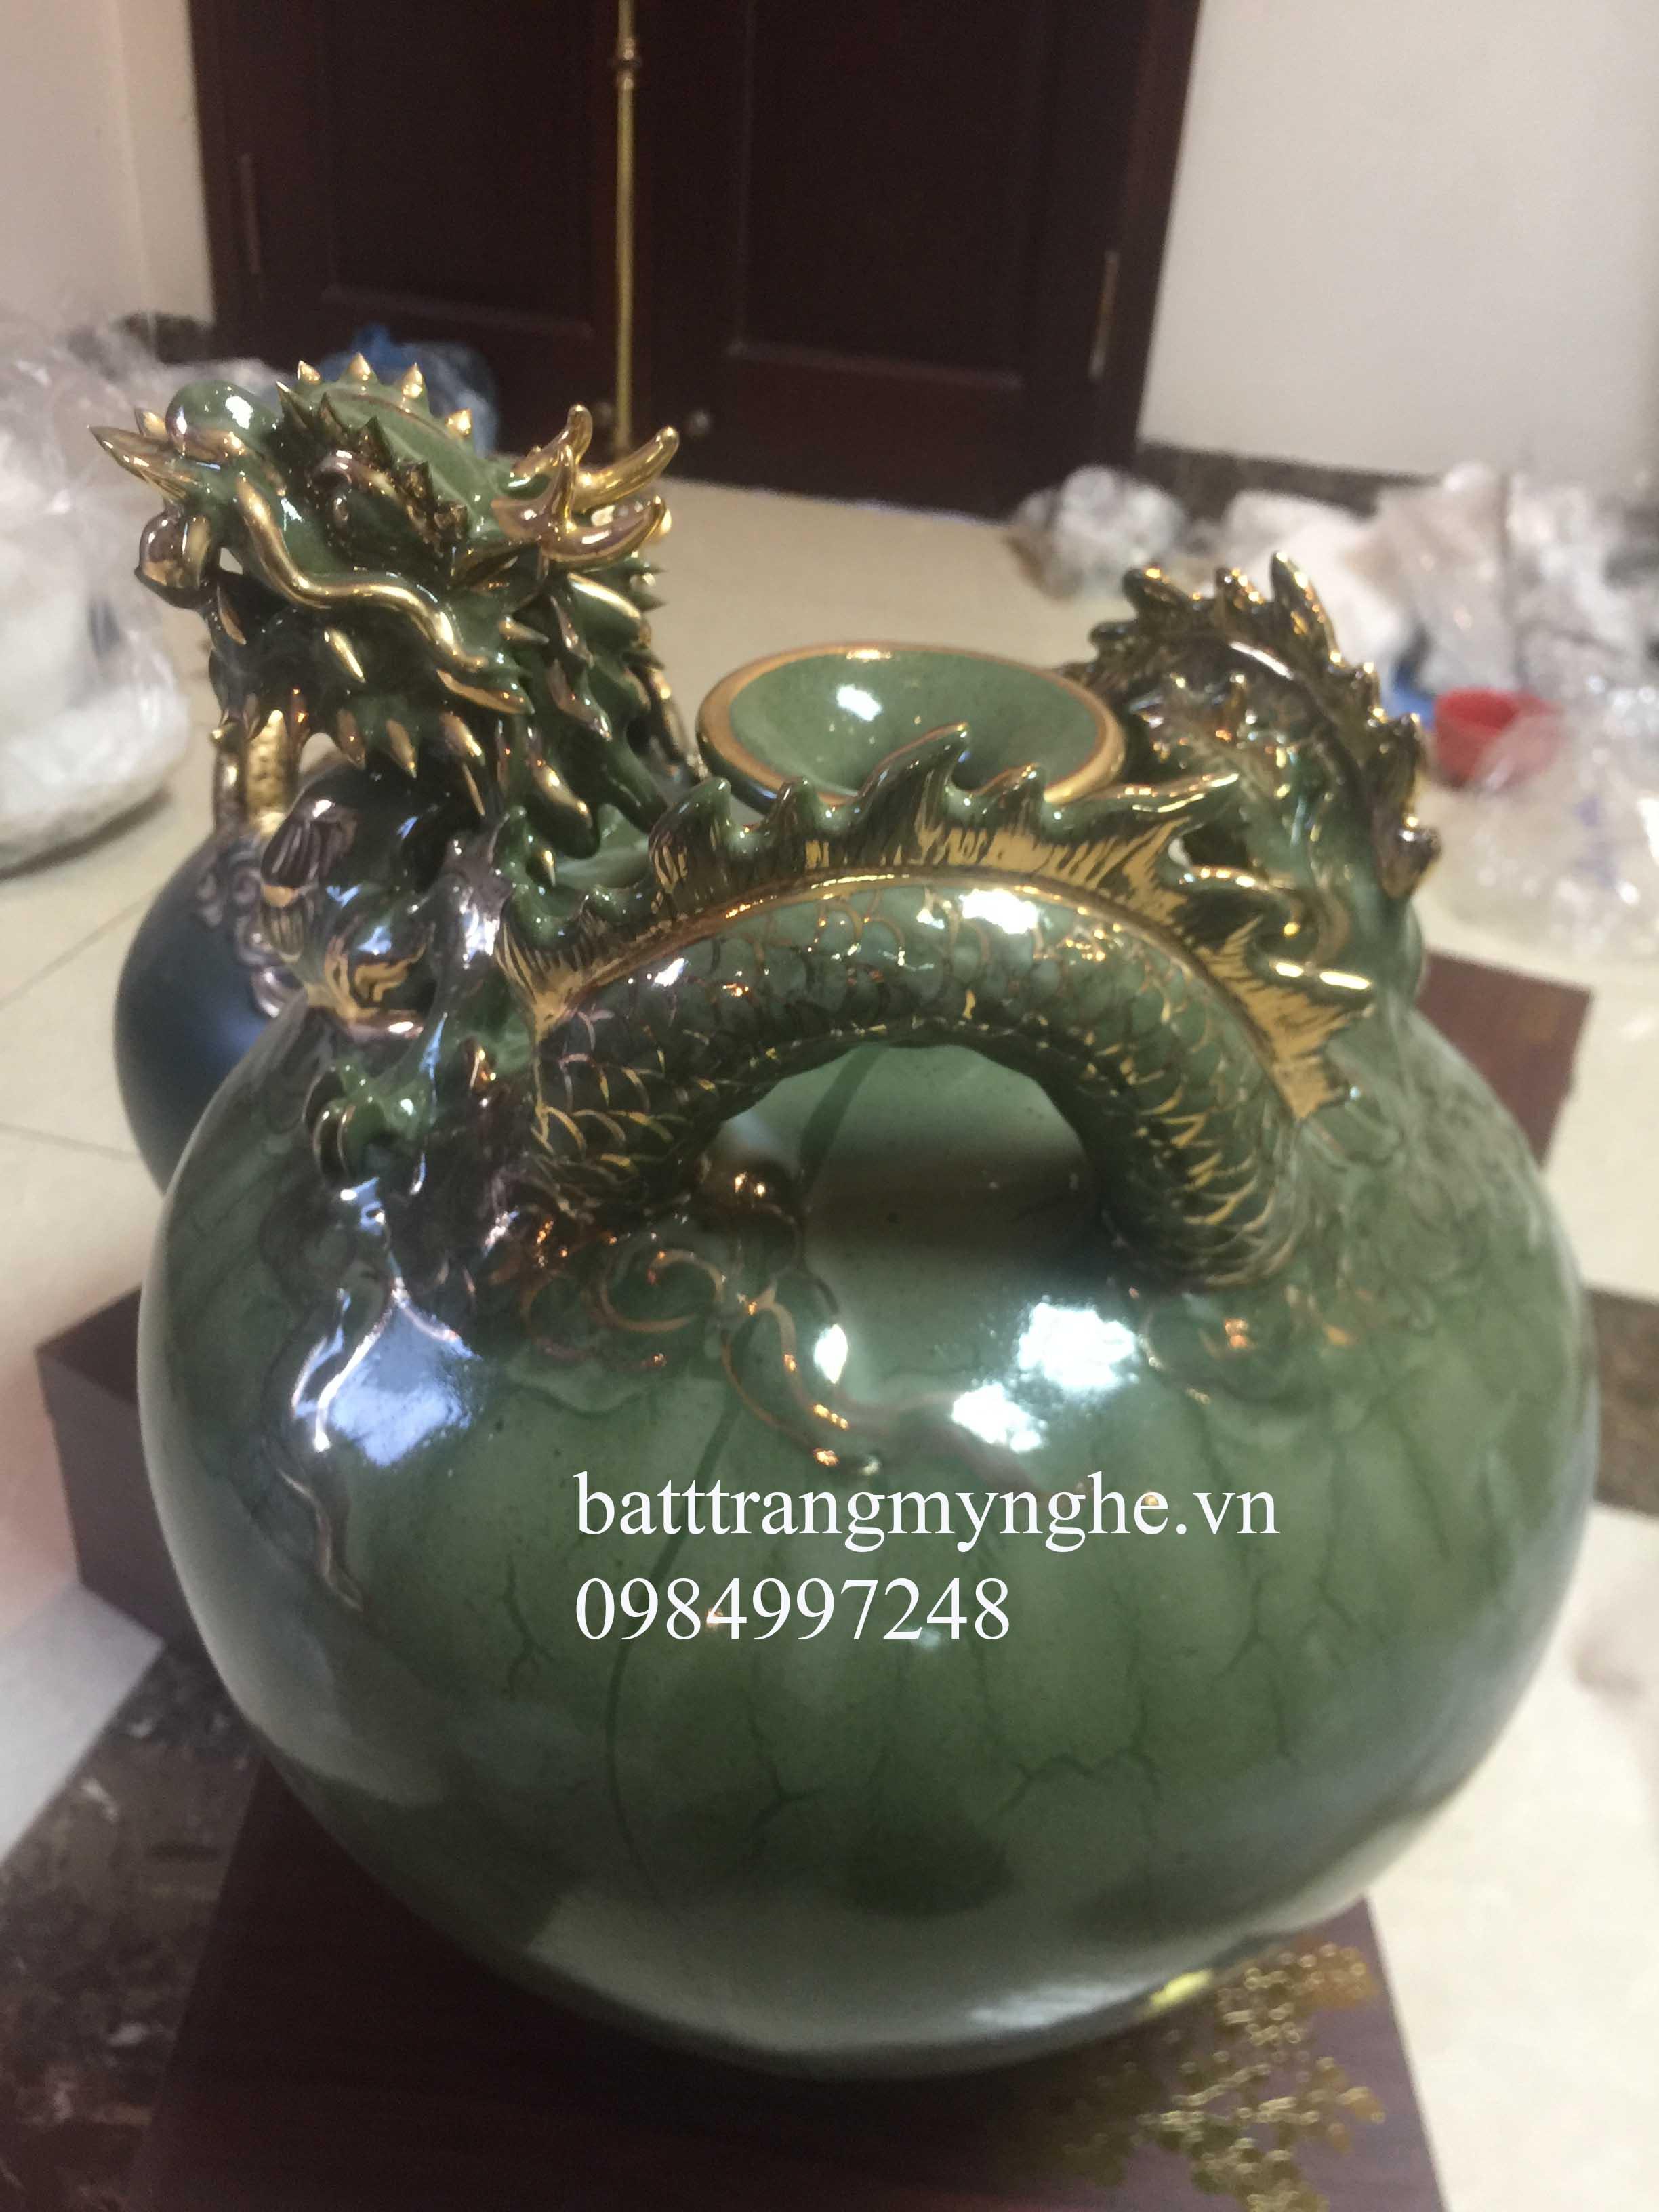 Bình hút tài lộc cao 40cm hàng kĩ men xanh đắp rồng